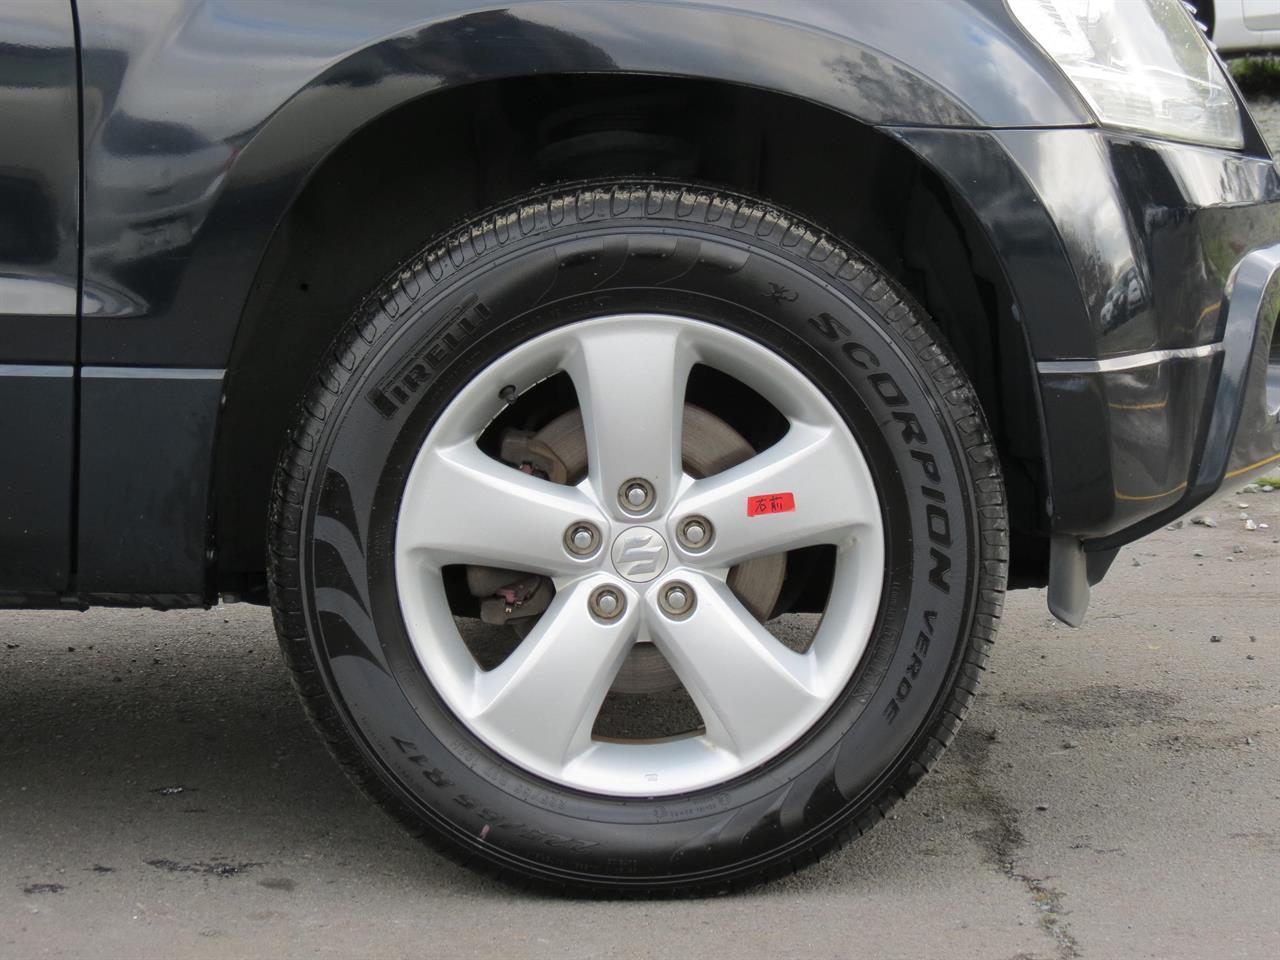 2010 Suzuki Escudo | only $45 weekly